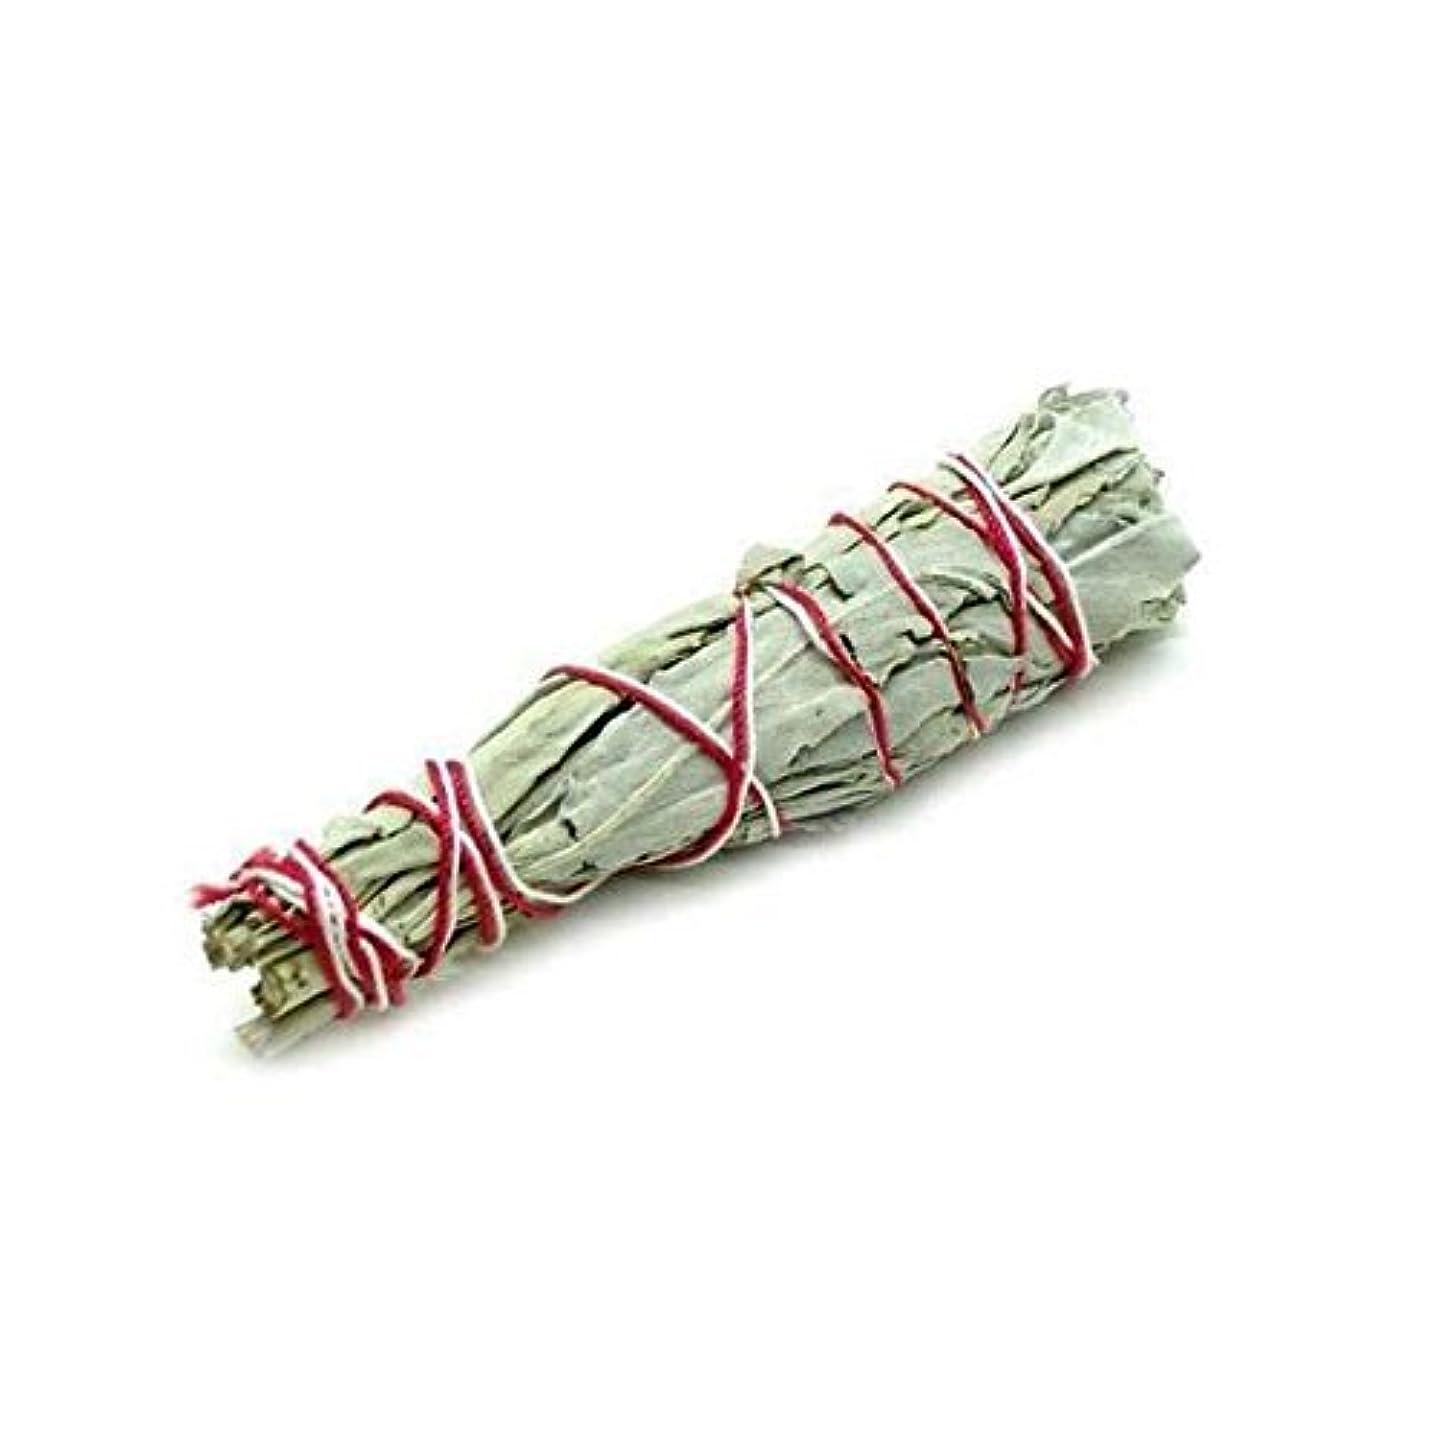 ブローホール歌うくすぐったいセージバンドル?–?ホワイトセージSmudge Stick使用のクレンジングとPurifyingエネルギー、瞑想、自然として、消臭?–?6?Inches Long